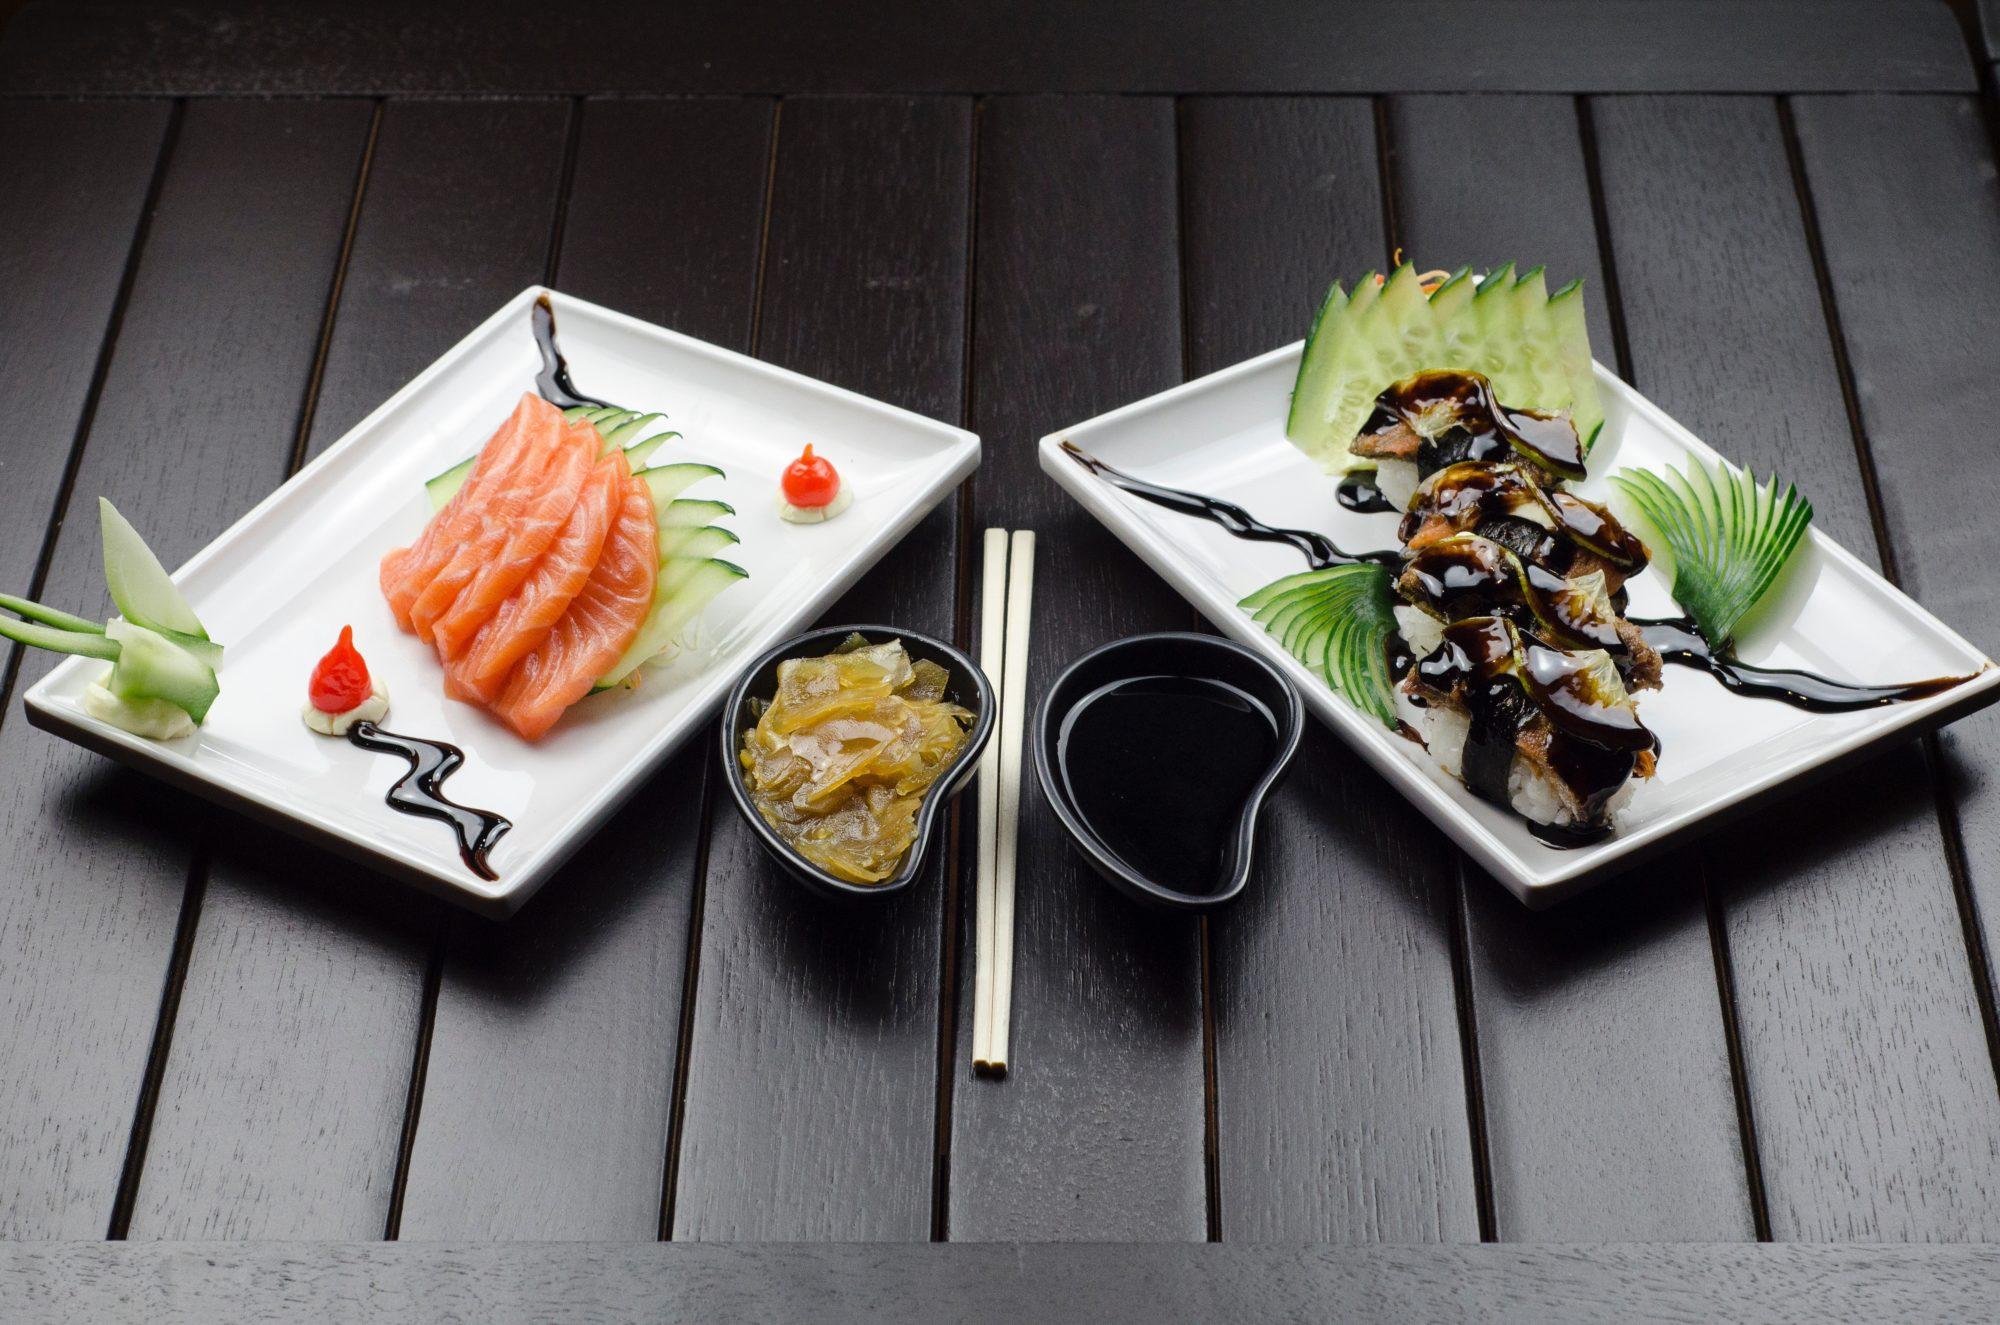 Okinawa Diet: The Japanese Longevity Diet